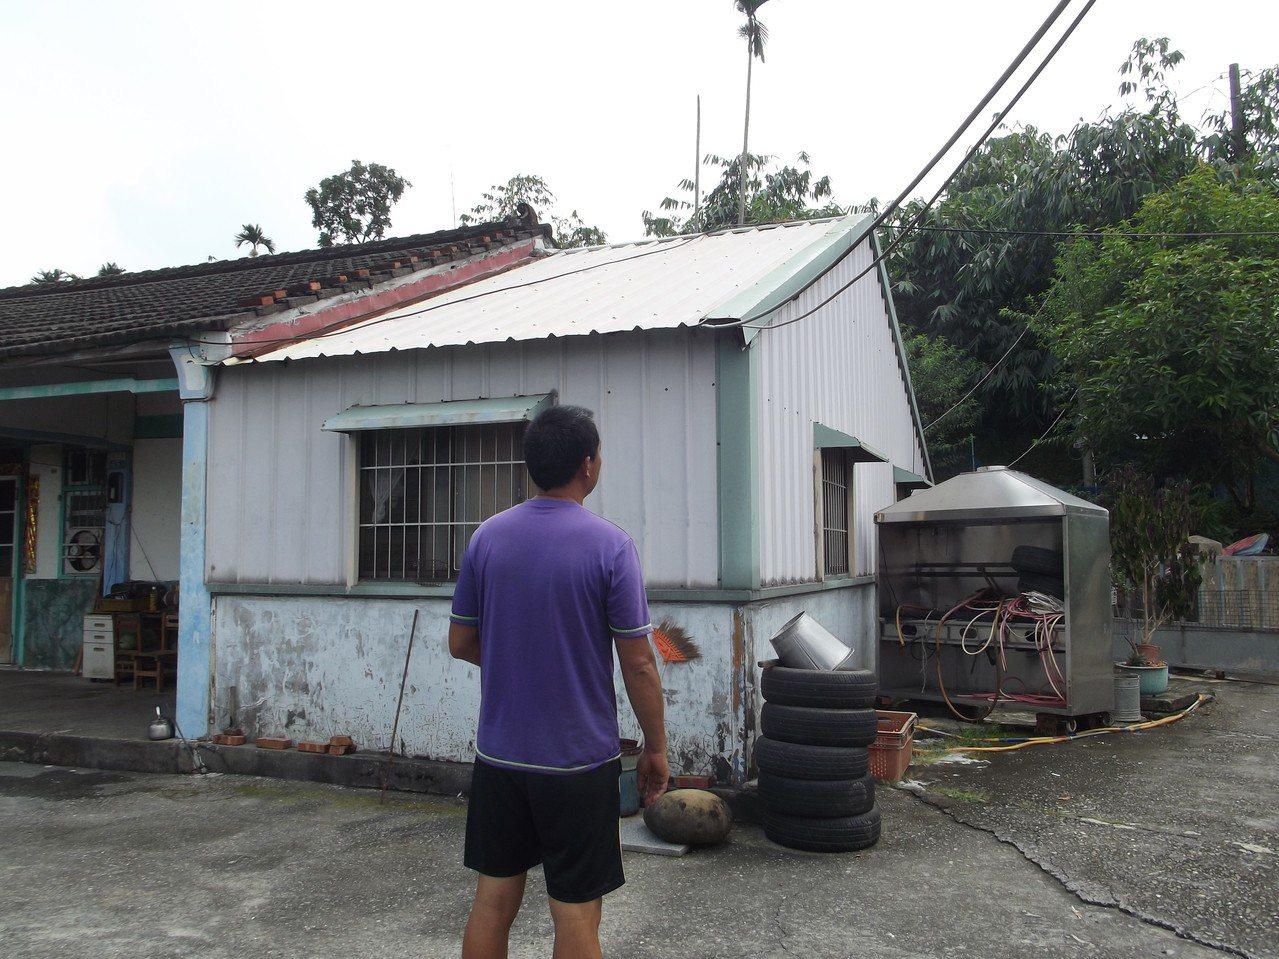 何姓村民多年來找水電師傅,更新家中開關,整理電路系統,但房子還是下一再電得家人吱...